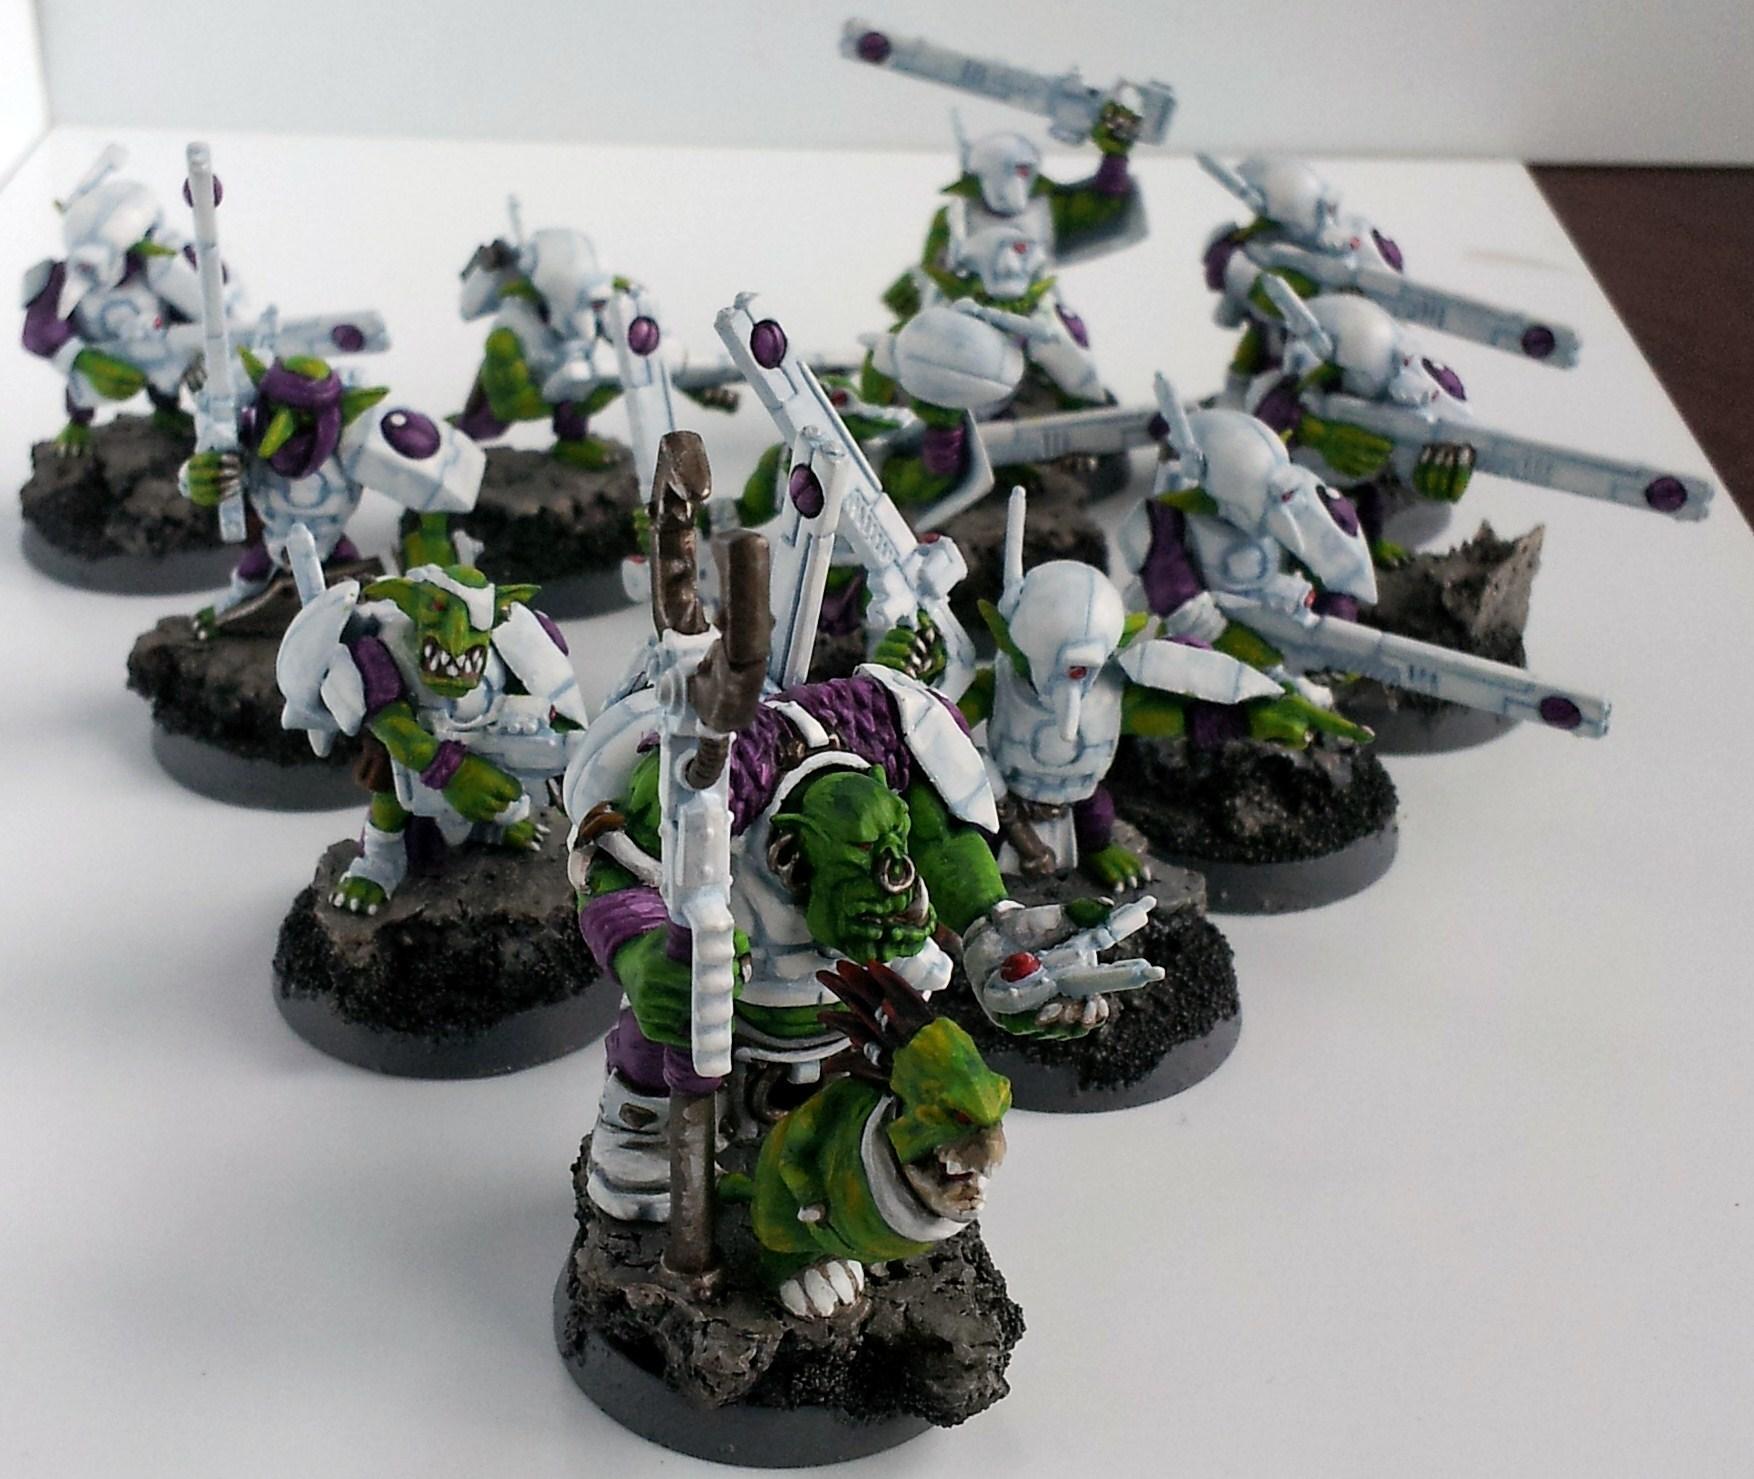 Allies, Broadsides, Conversion, Convert, Crisis Battlesuit, Fire Warriors, Grots, Orks, Suit, Tau